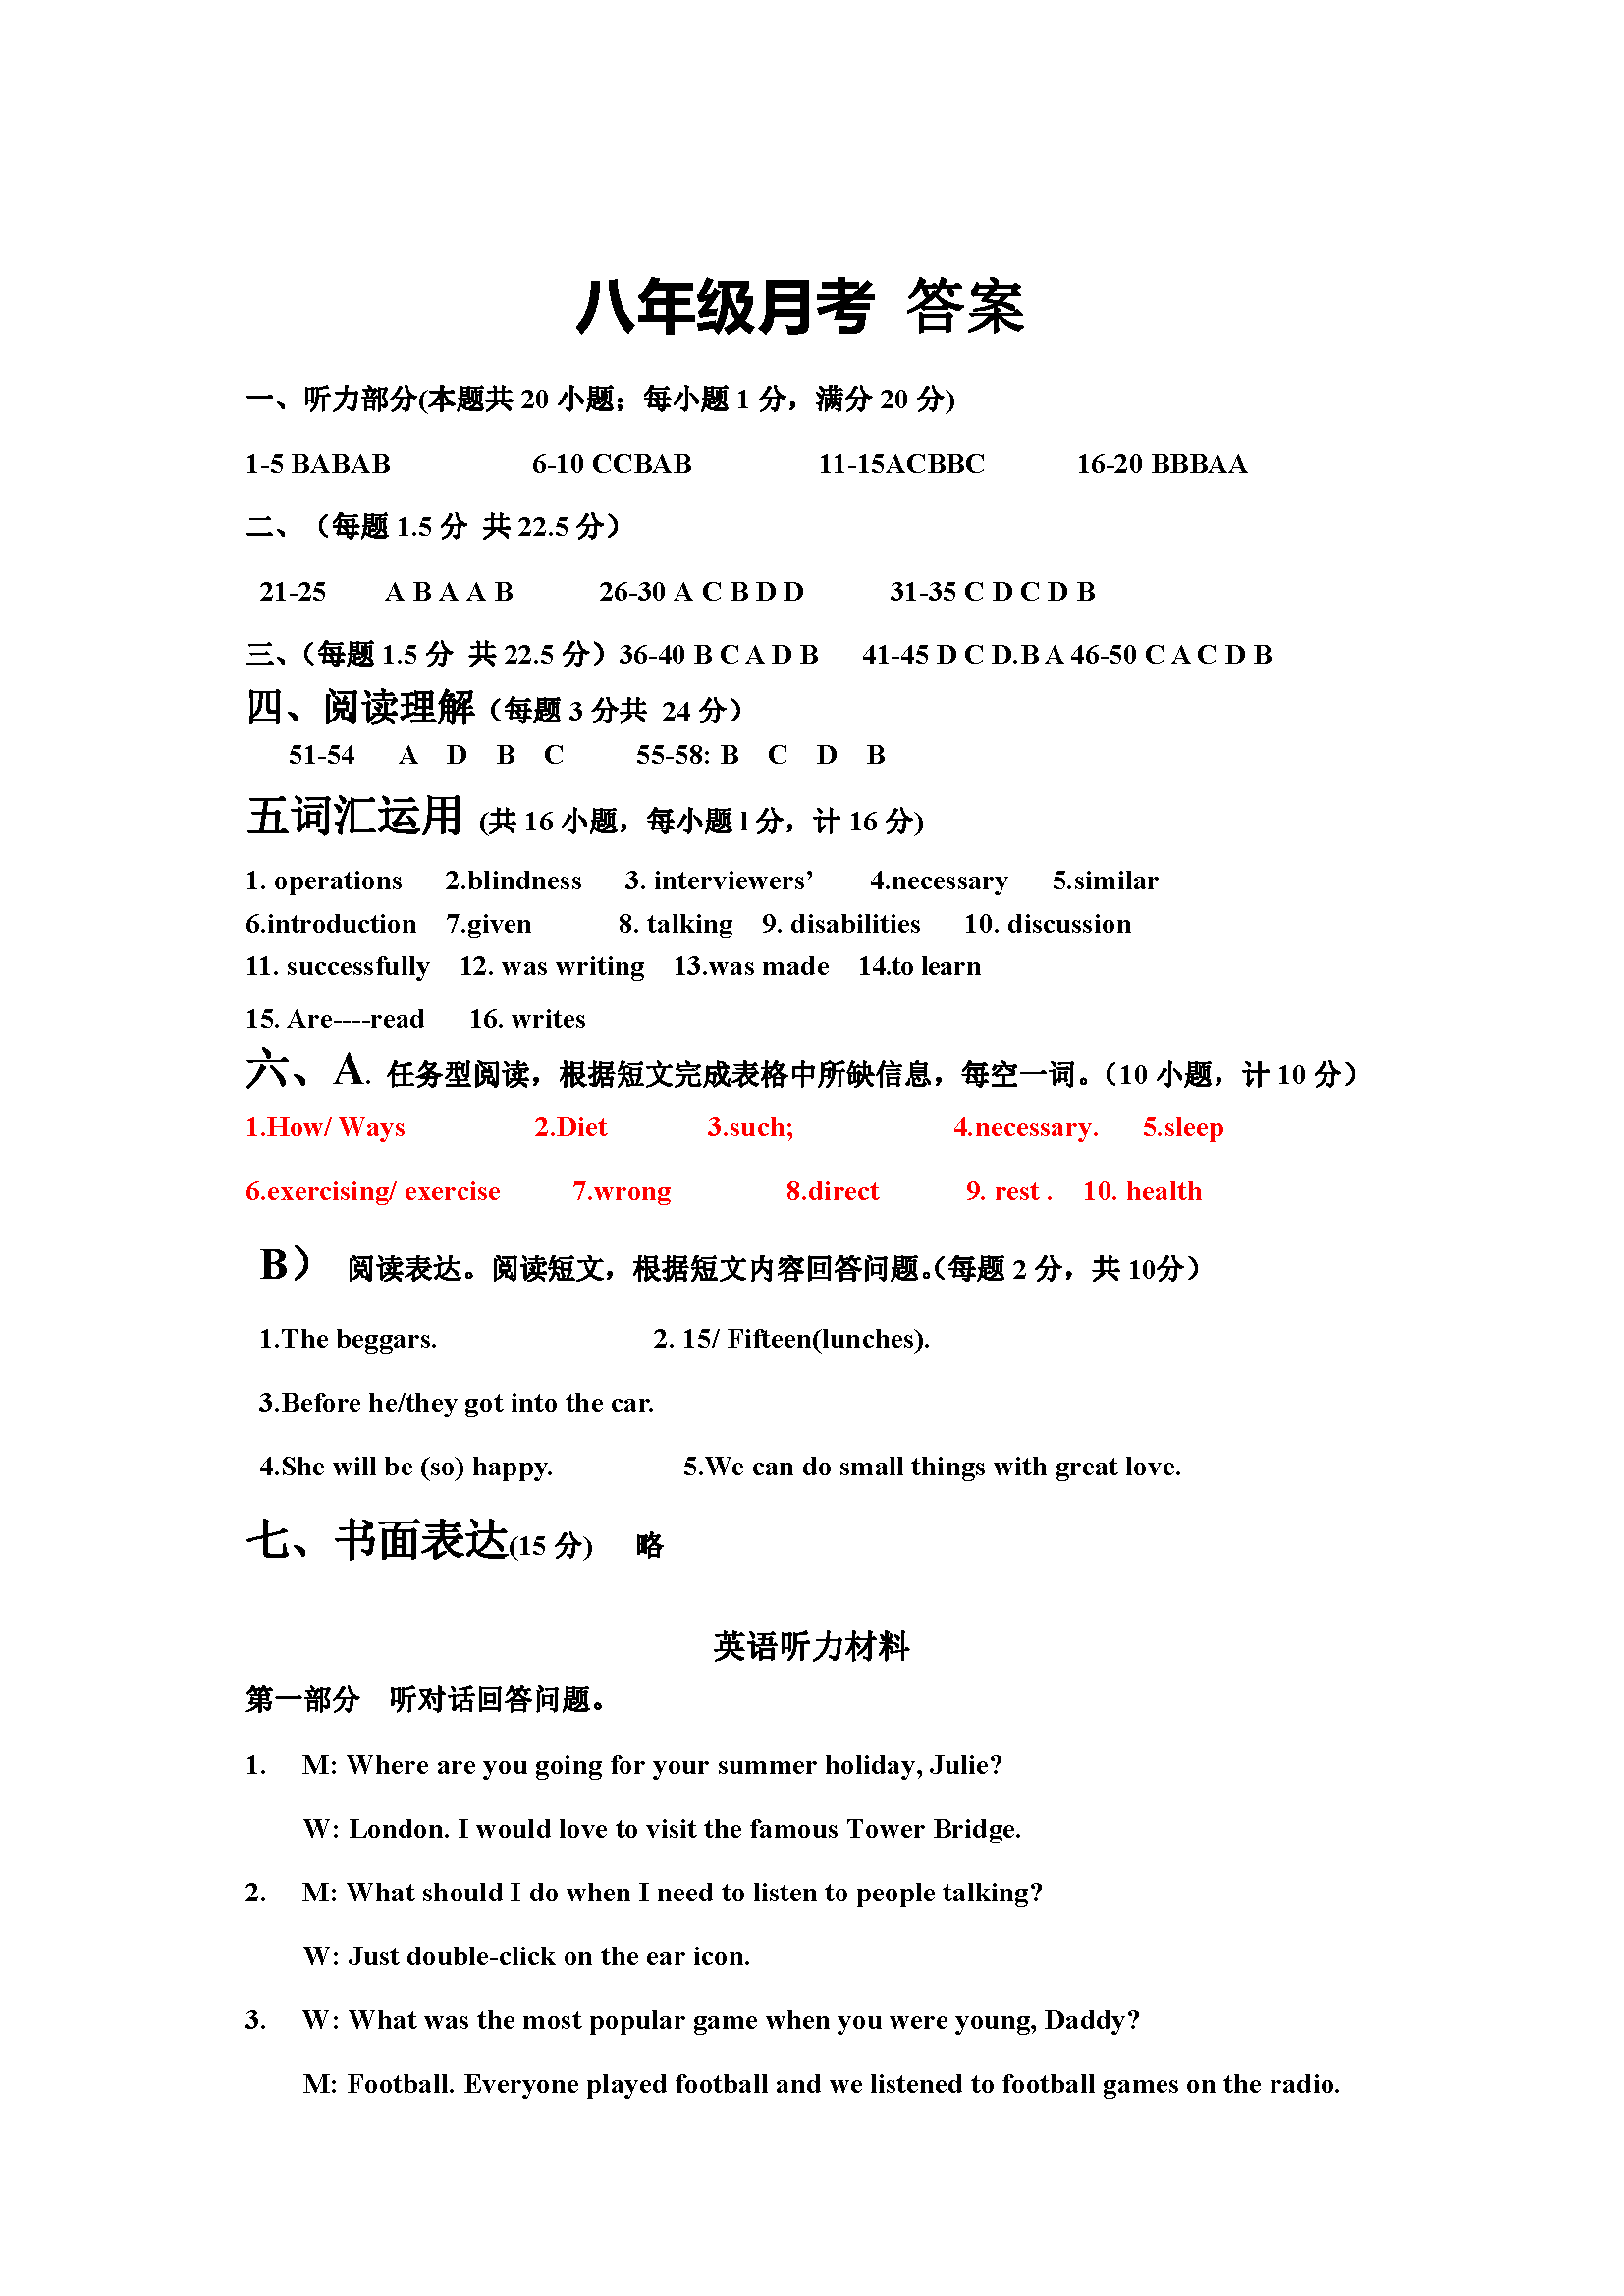 江苏沛县胡寨中学2016-2017牛津英语八年级下月考试卷答案(Word版)